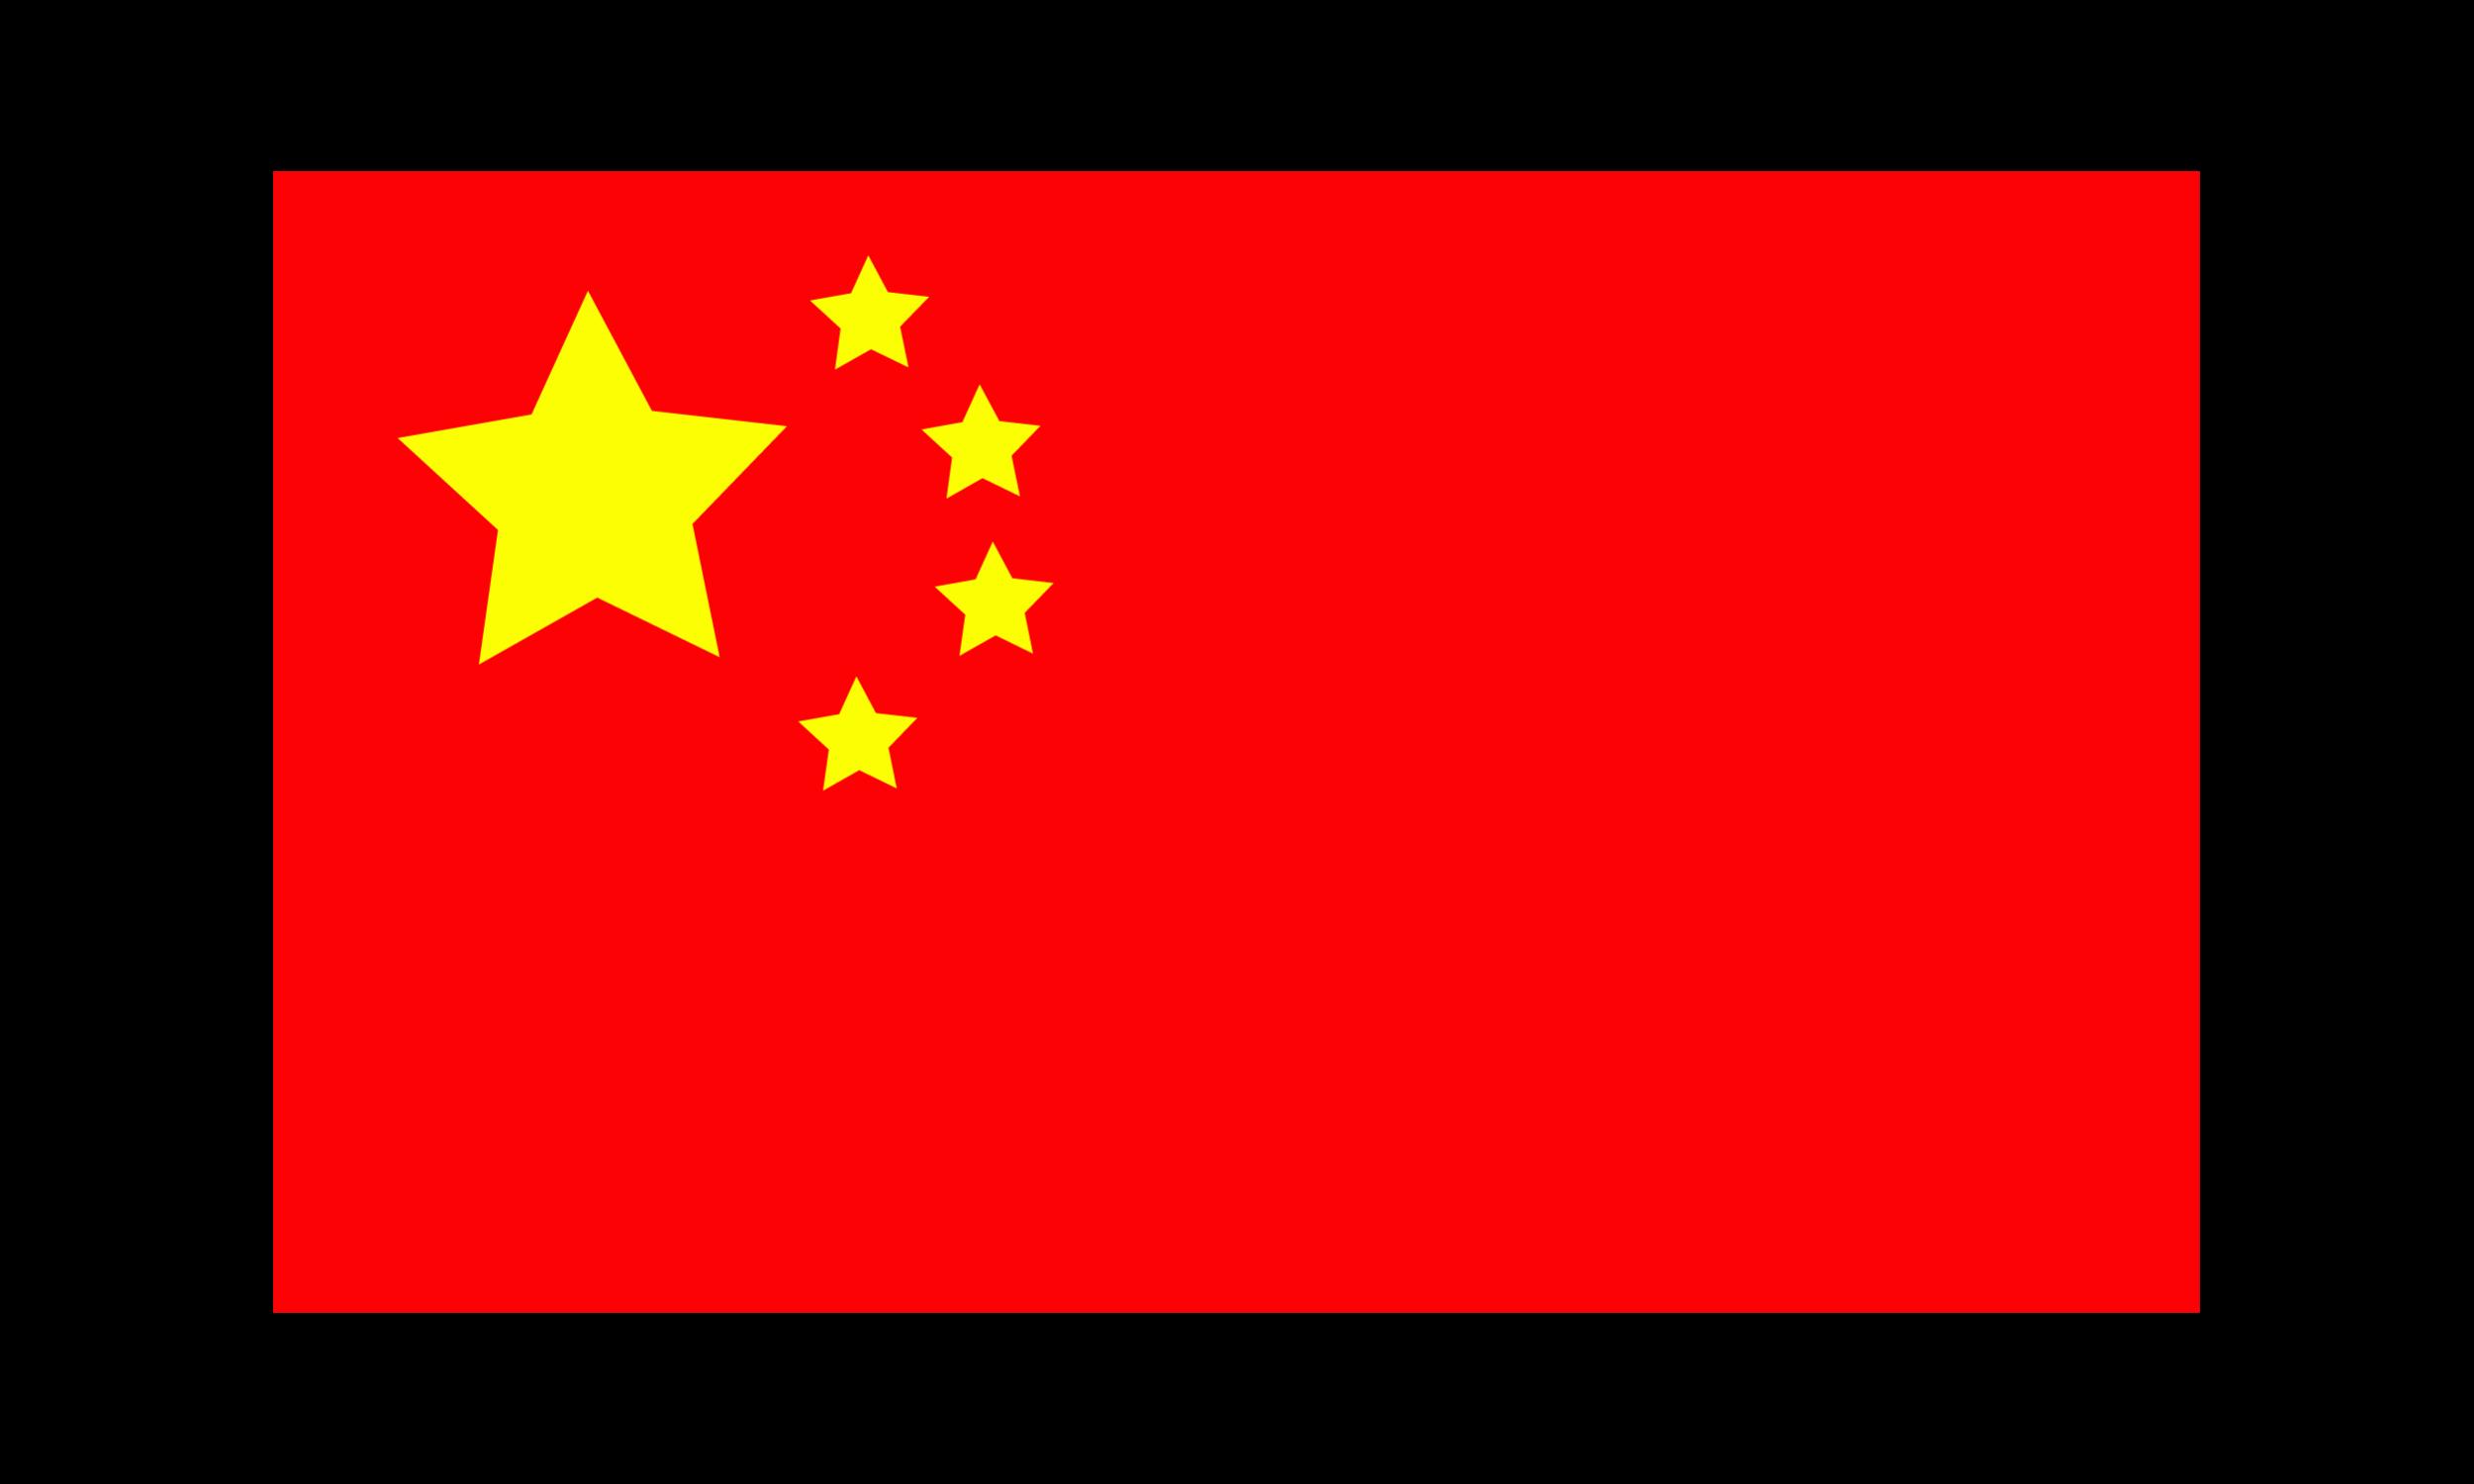 PalmerProductions_Creatives_china.png